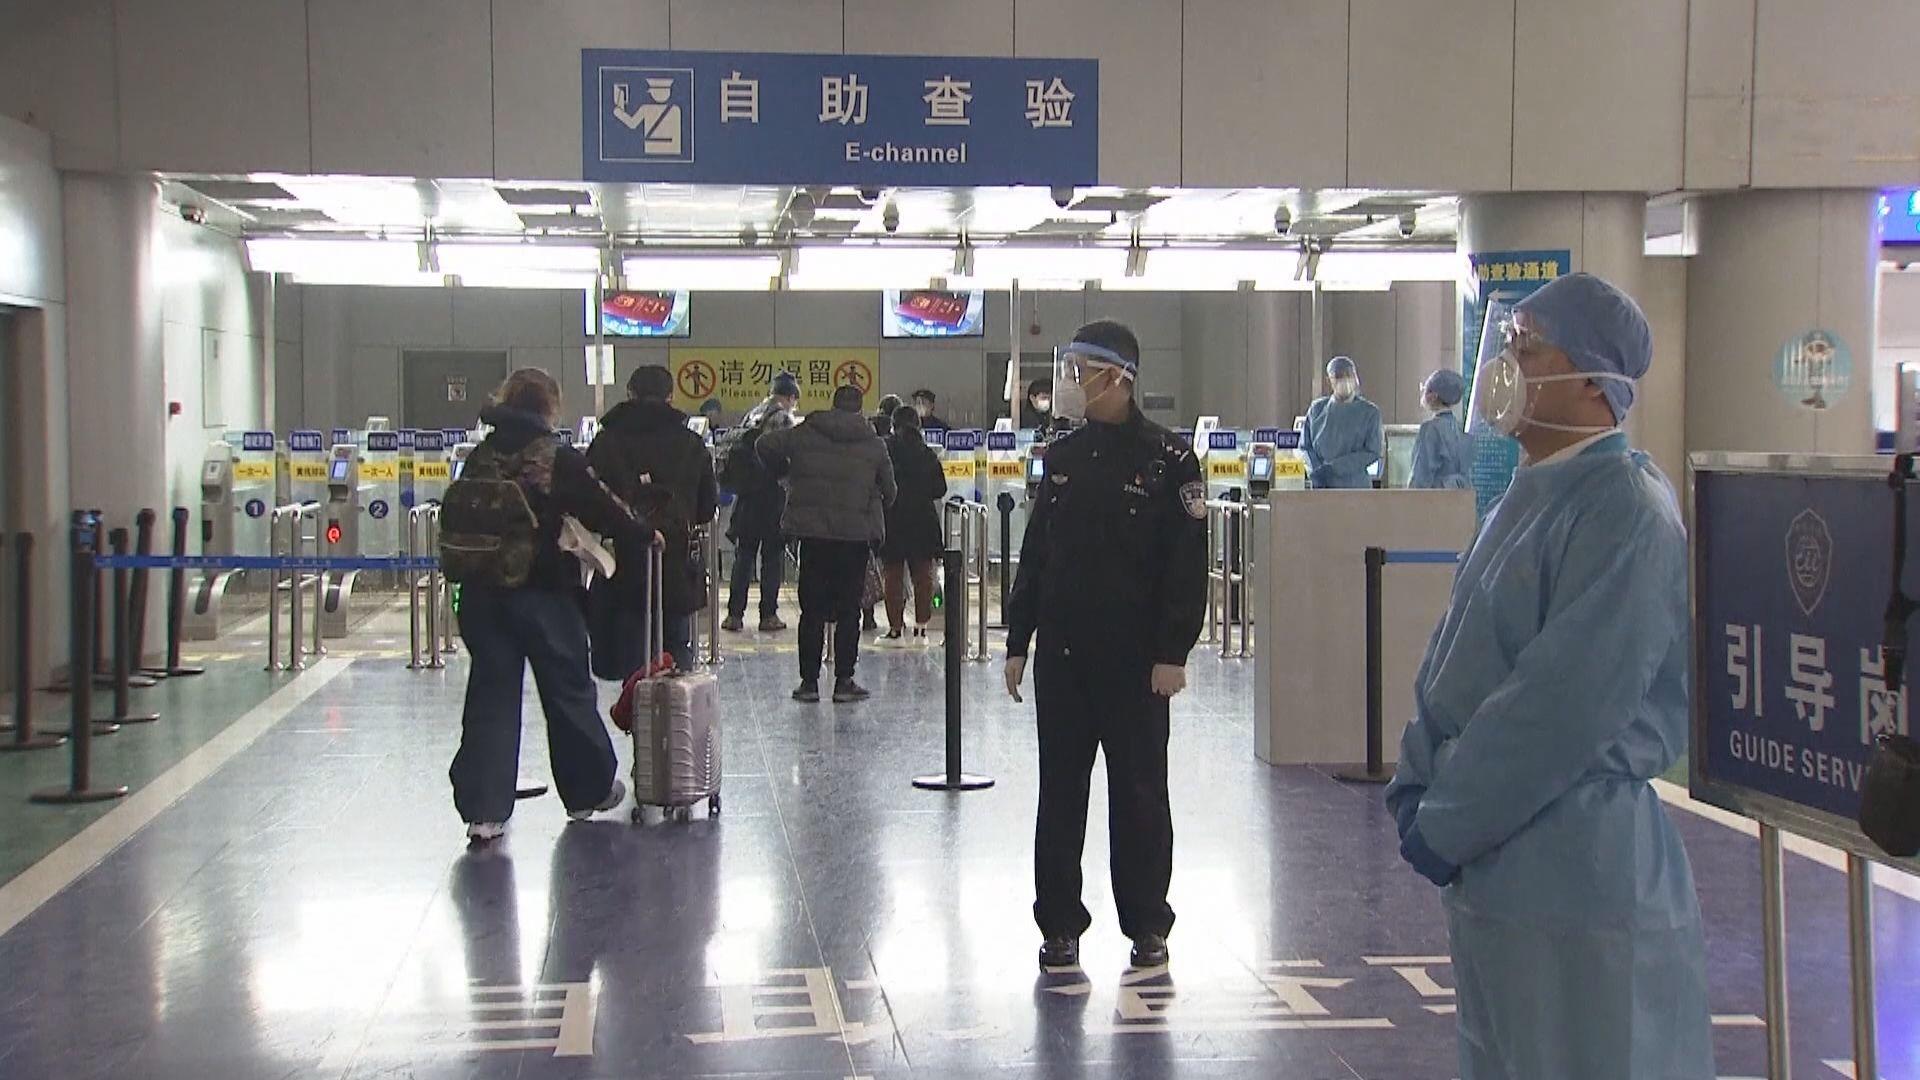 內地新增12人感染 俄羅斯飛抵陝西航班共30人確診